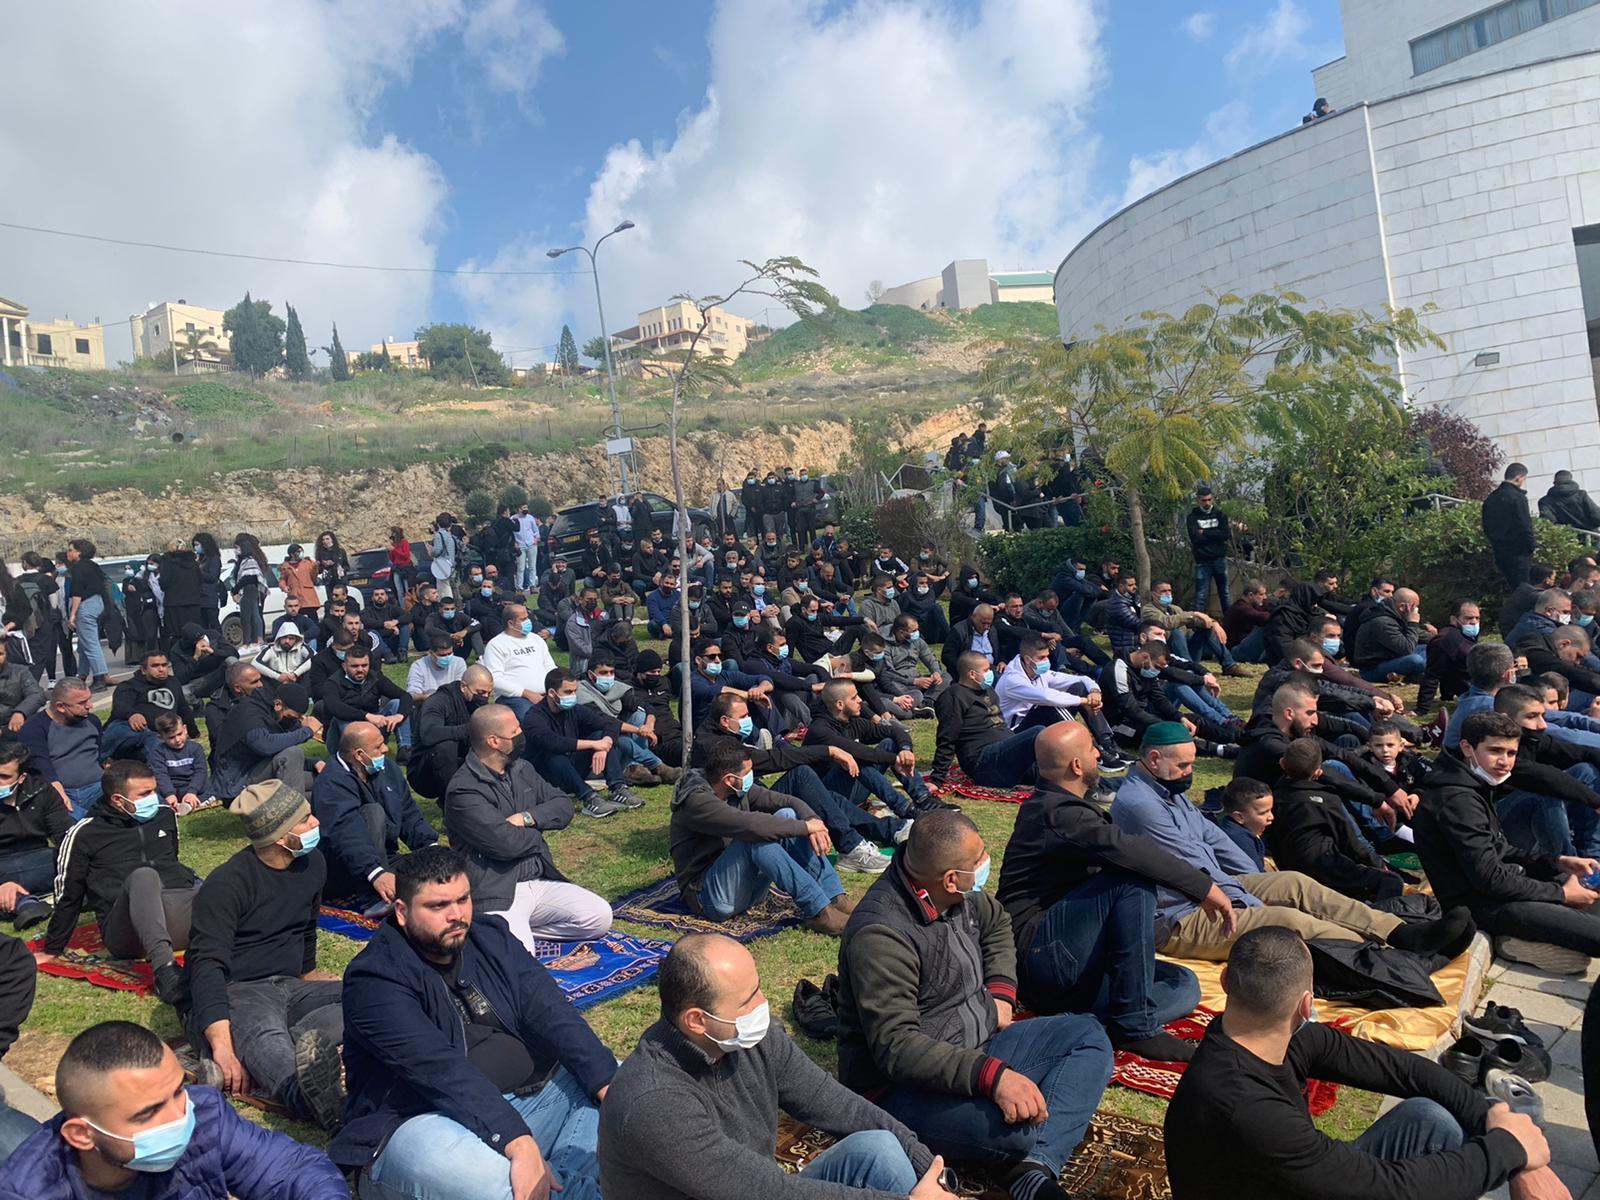 أم الفحم: تواصل الاحتجاج ضد الجريمة وتواطؤ الشرطة